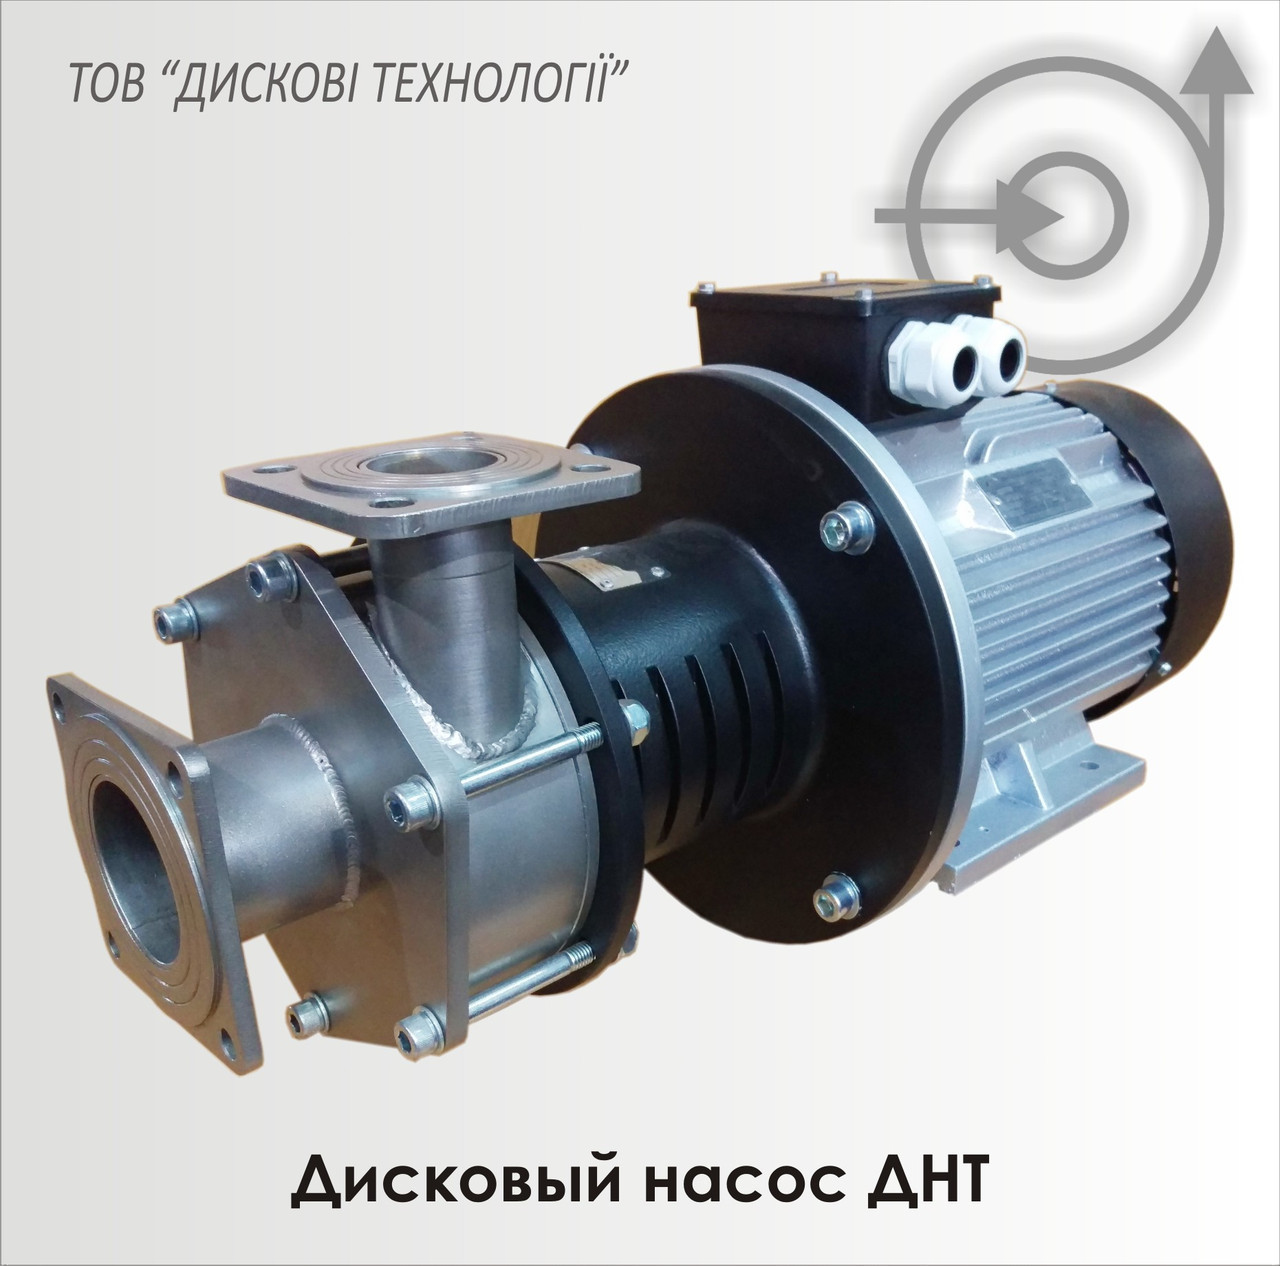 Насос для перекачування нафтопродуктів ДНТ-МУ 110 10 нержавіючий, взрывозащищеный